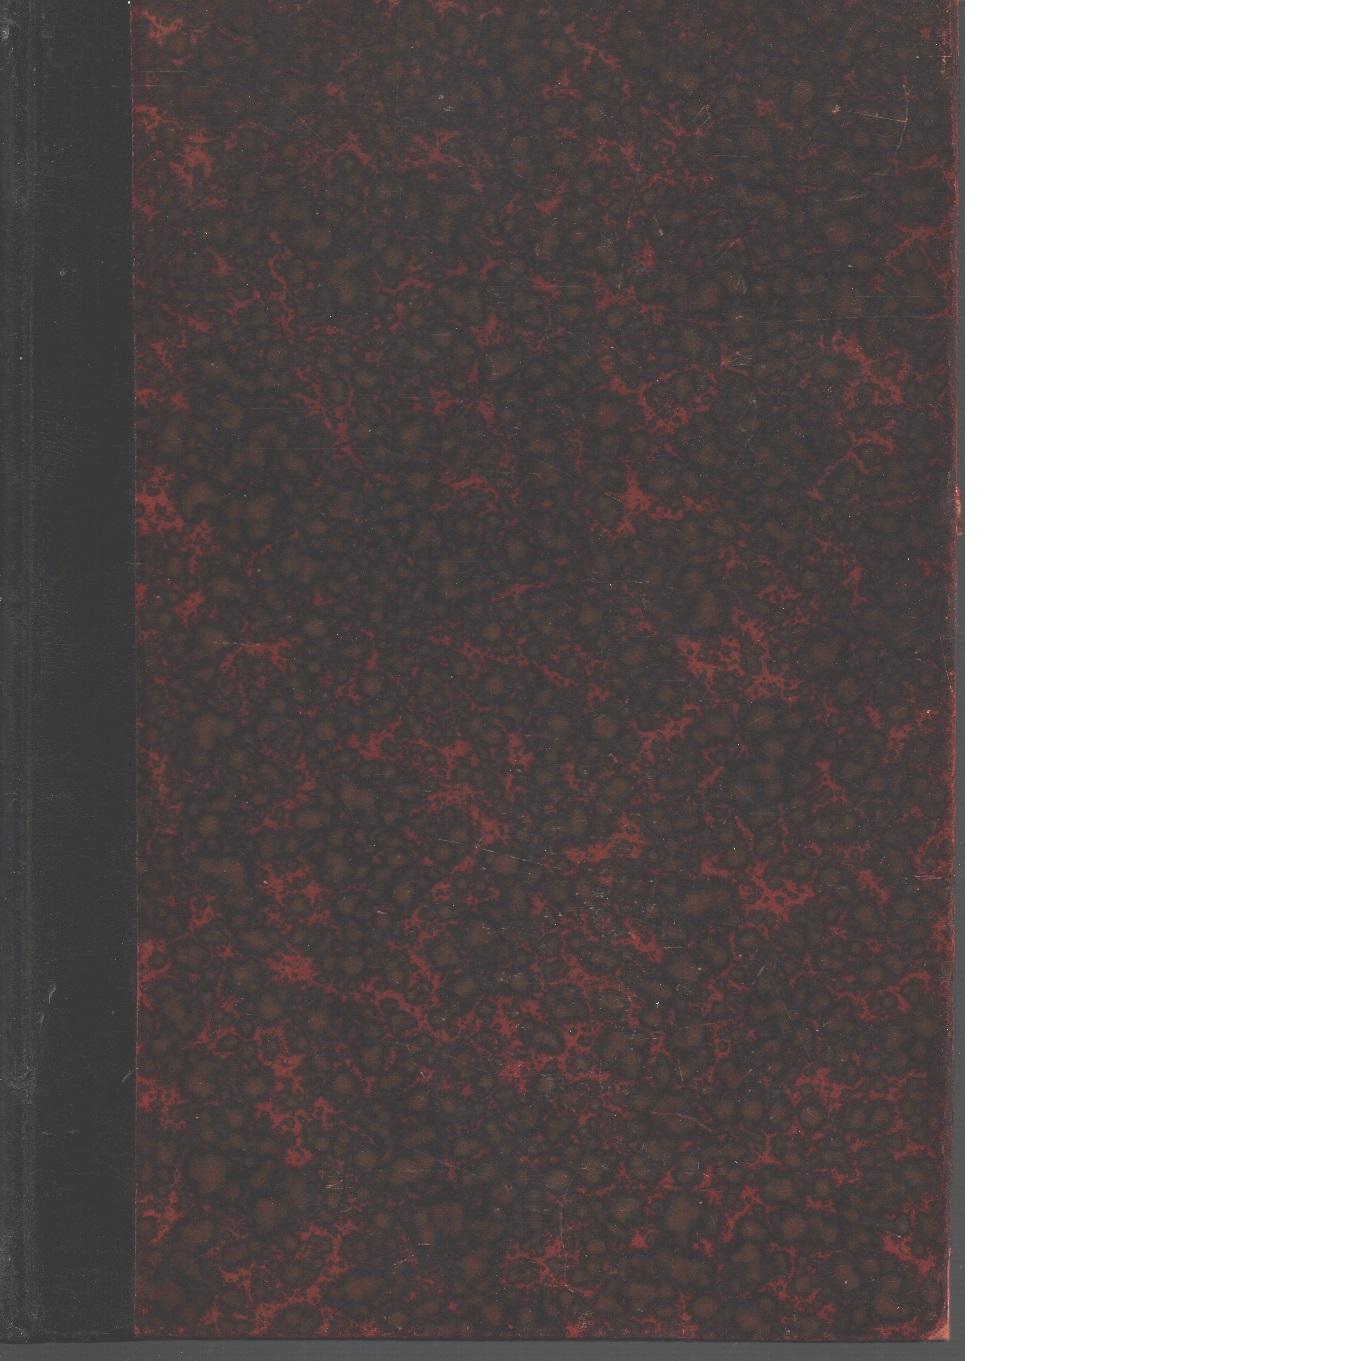 L. Dillings samlade skisser och berättelser ur hvardagslifvet - Red.